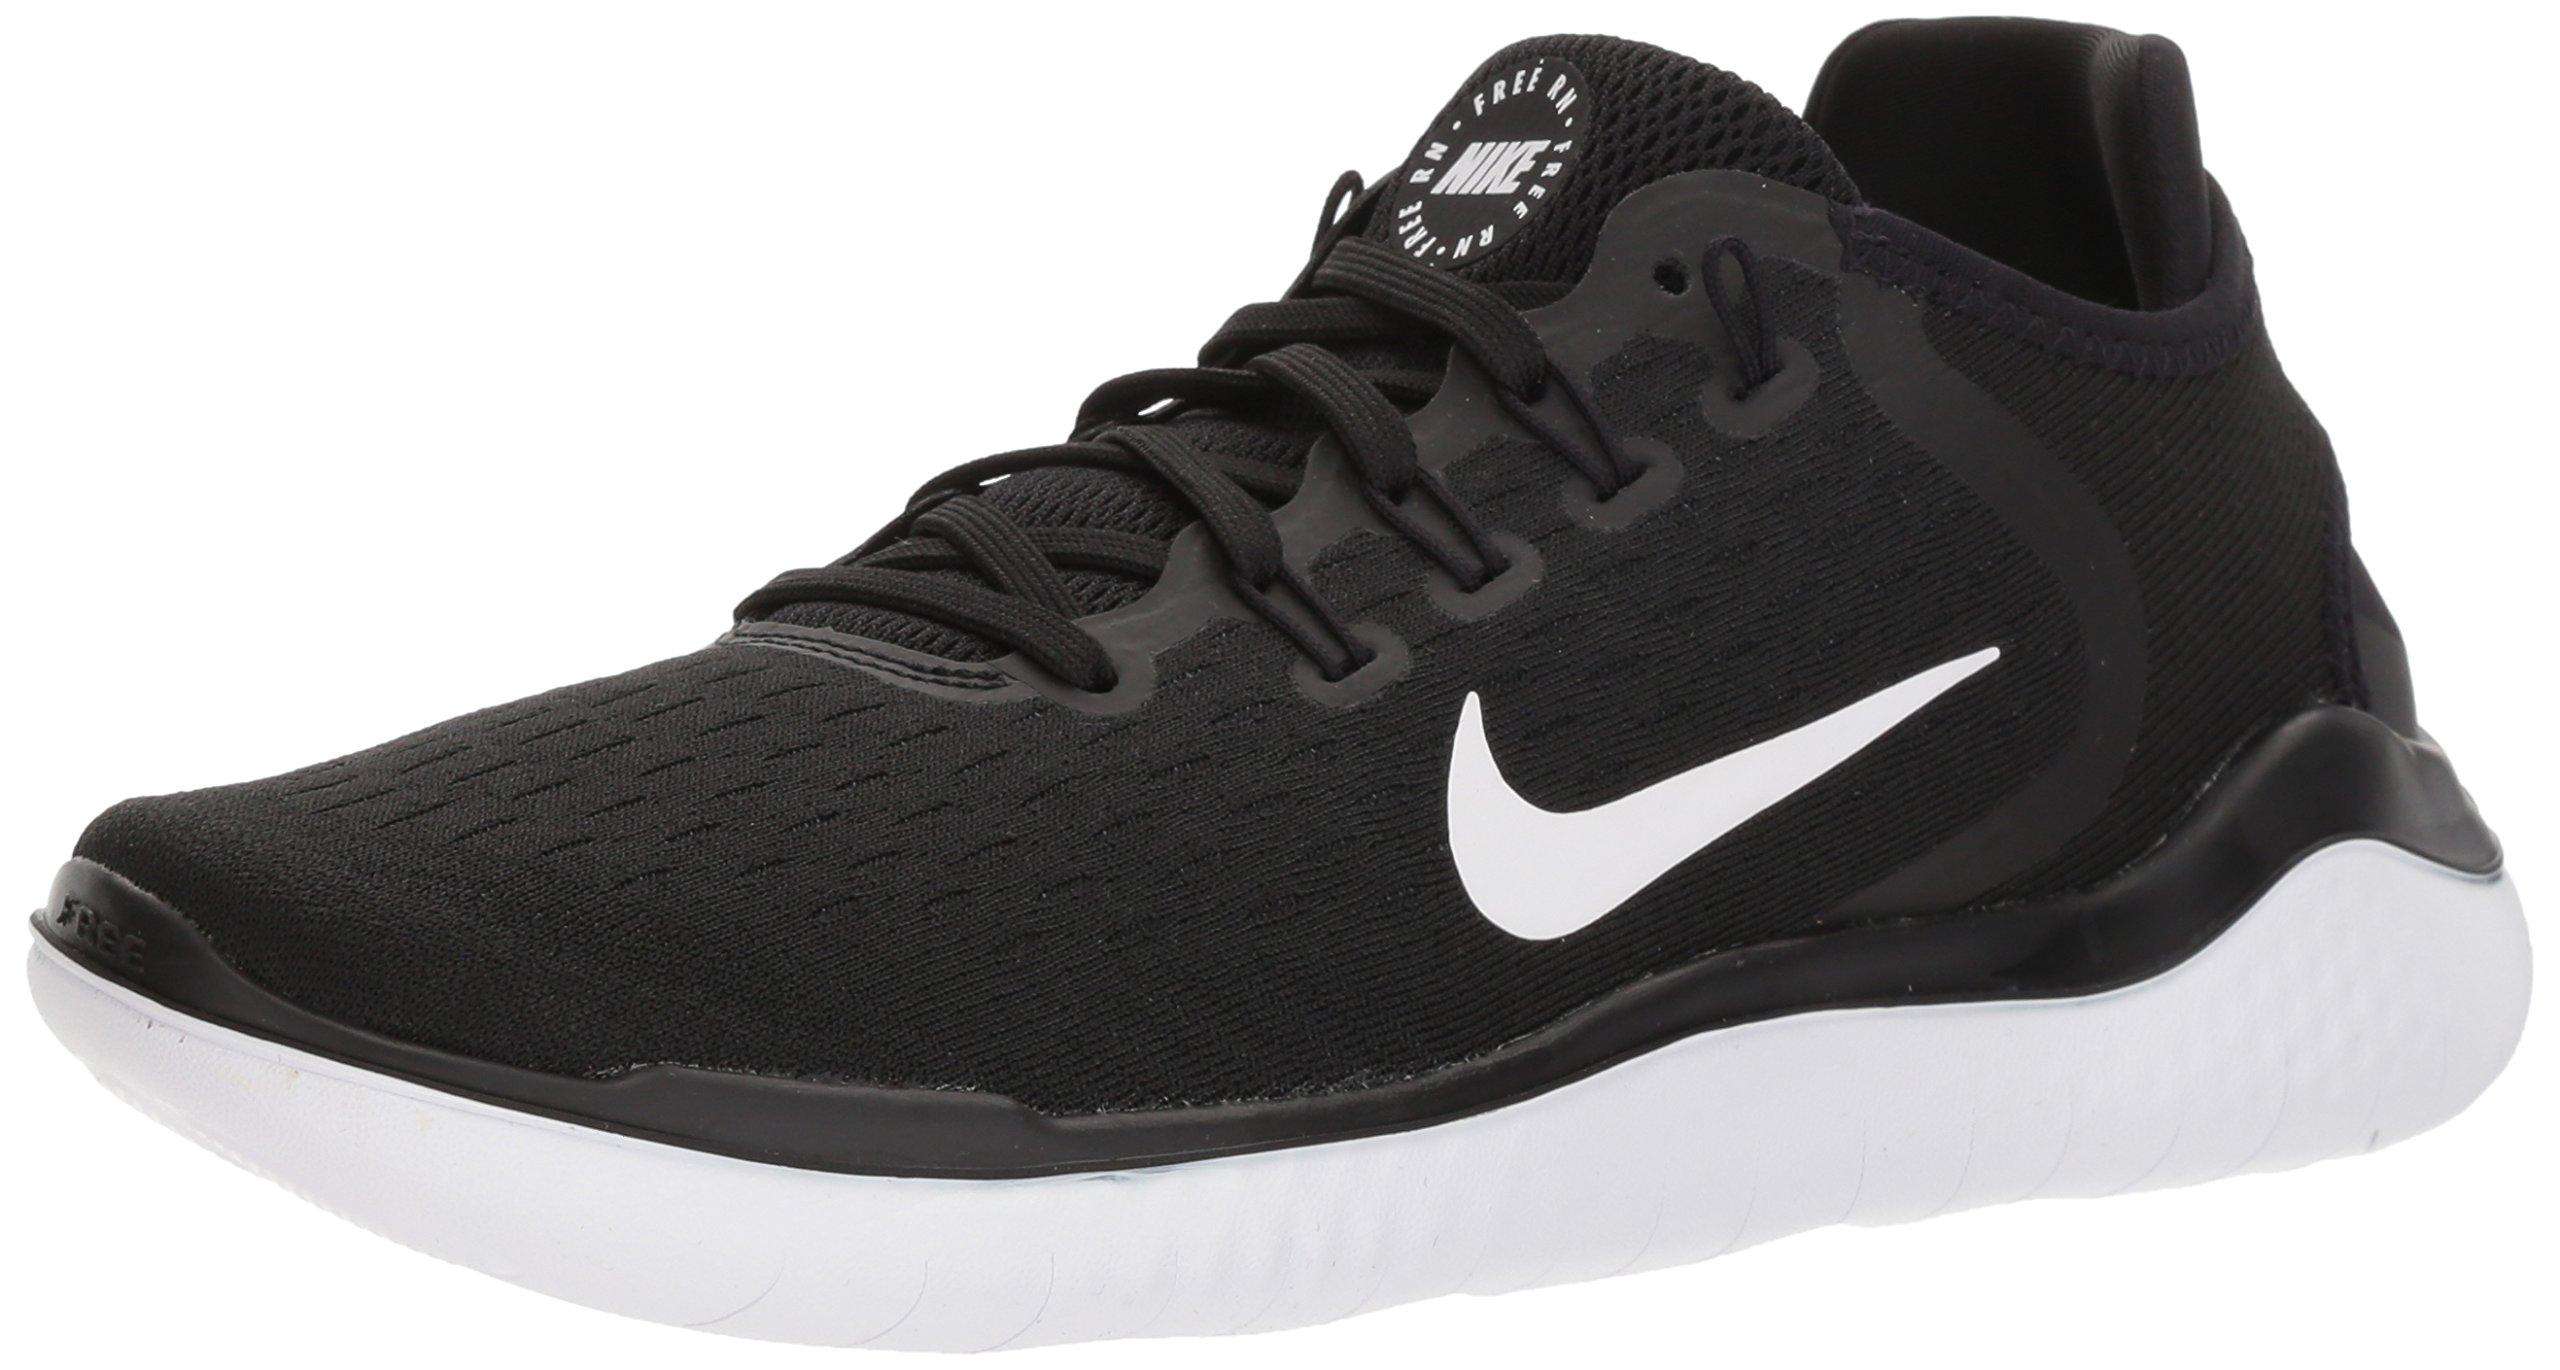 NIKE Women's Free RN 2018 Running Shoe Black/White Size 8 M US